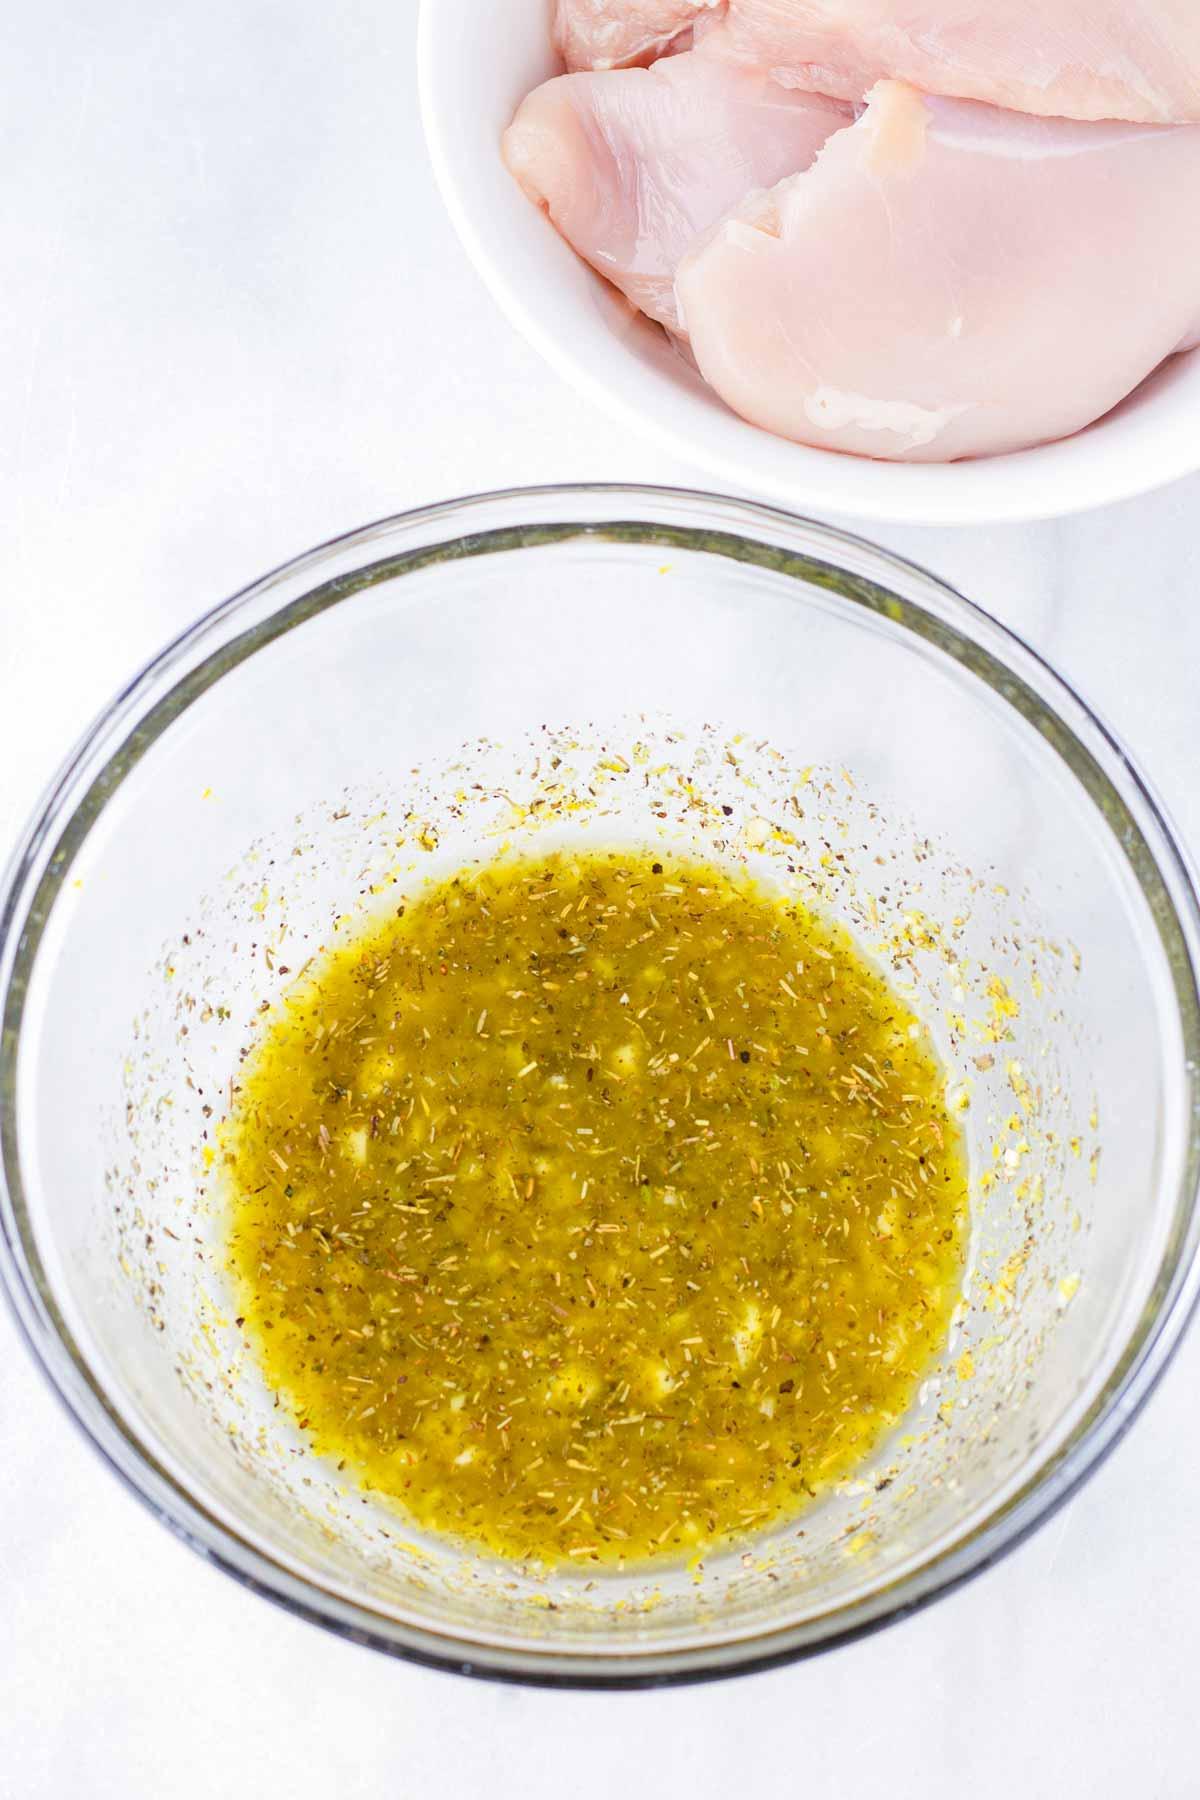 mixed lemon, garlic, and herb marinade in a glass bowl